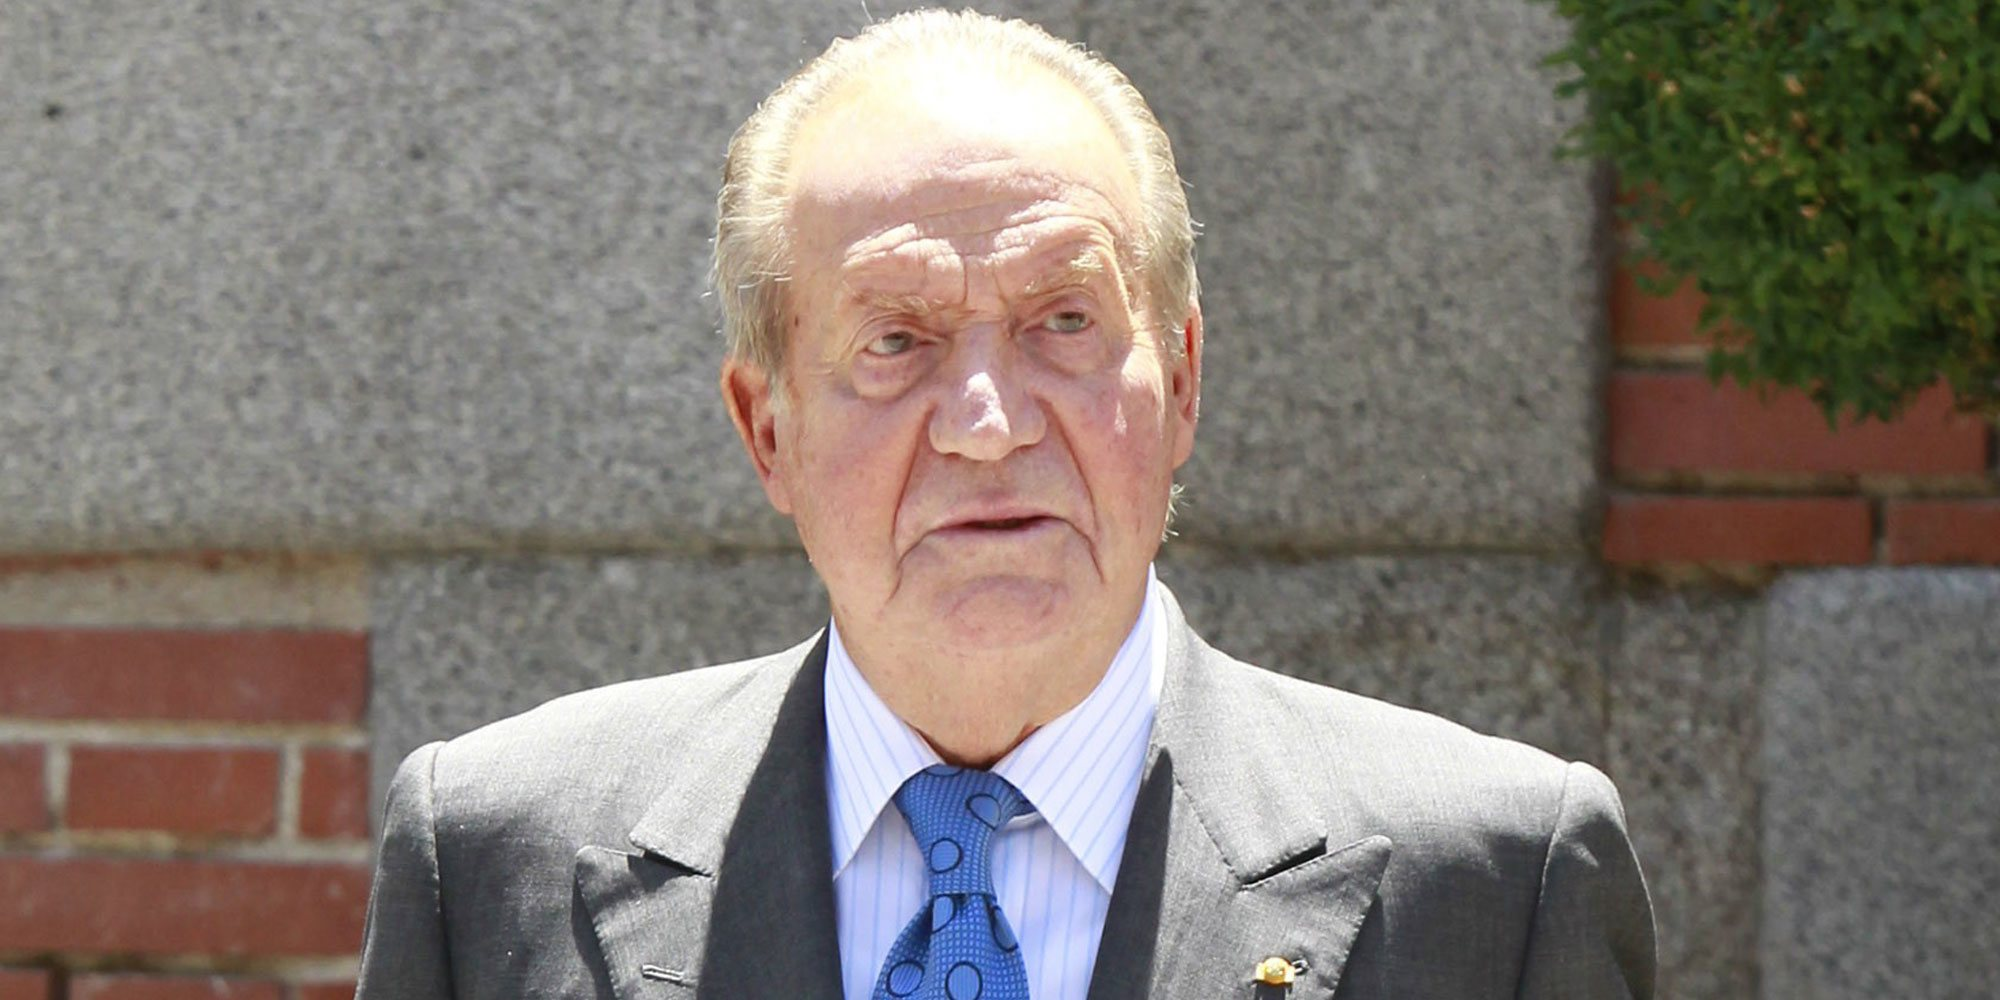 El abogado del Rey Juan Carlos aclara que su salida de España no implica una huida de la Justicia